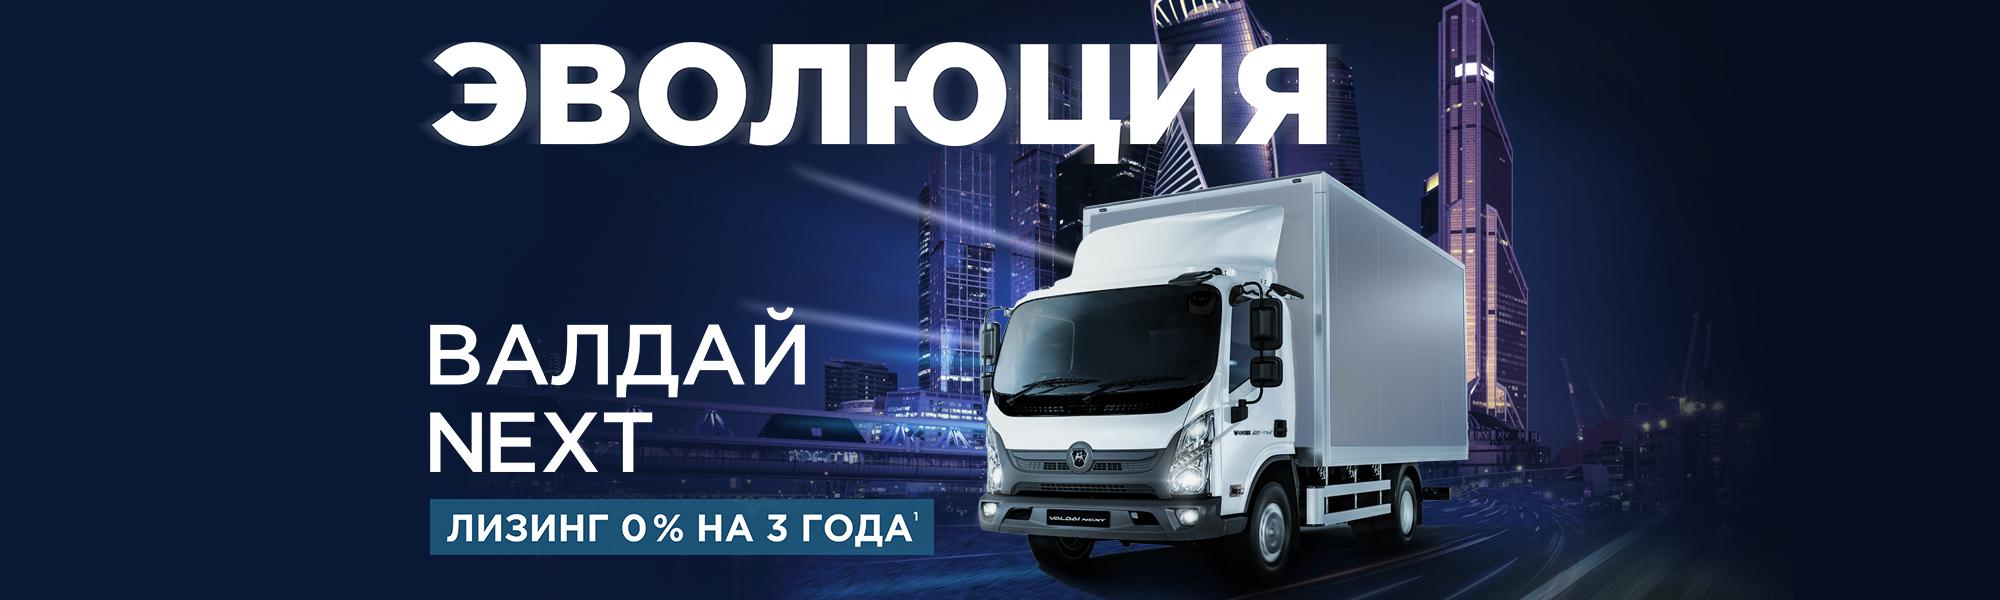 Спецпредложение Лизинг 0% на 3 года при покупке Valdai NEXT. Изображение для десктопа.